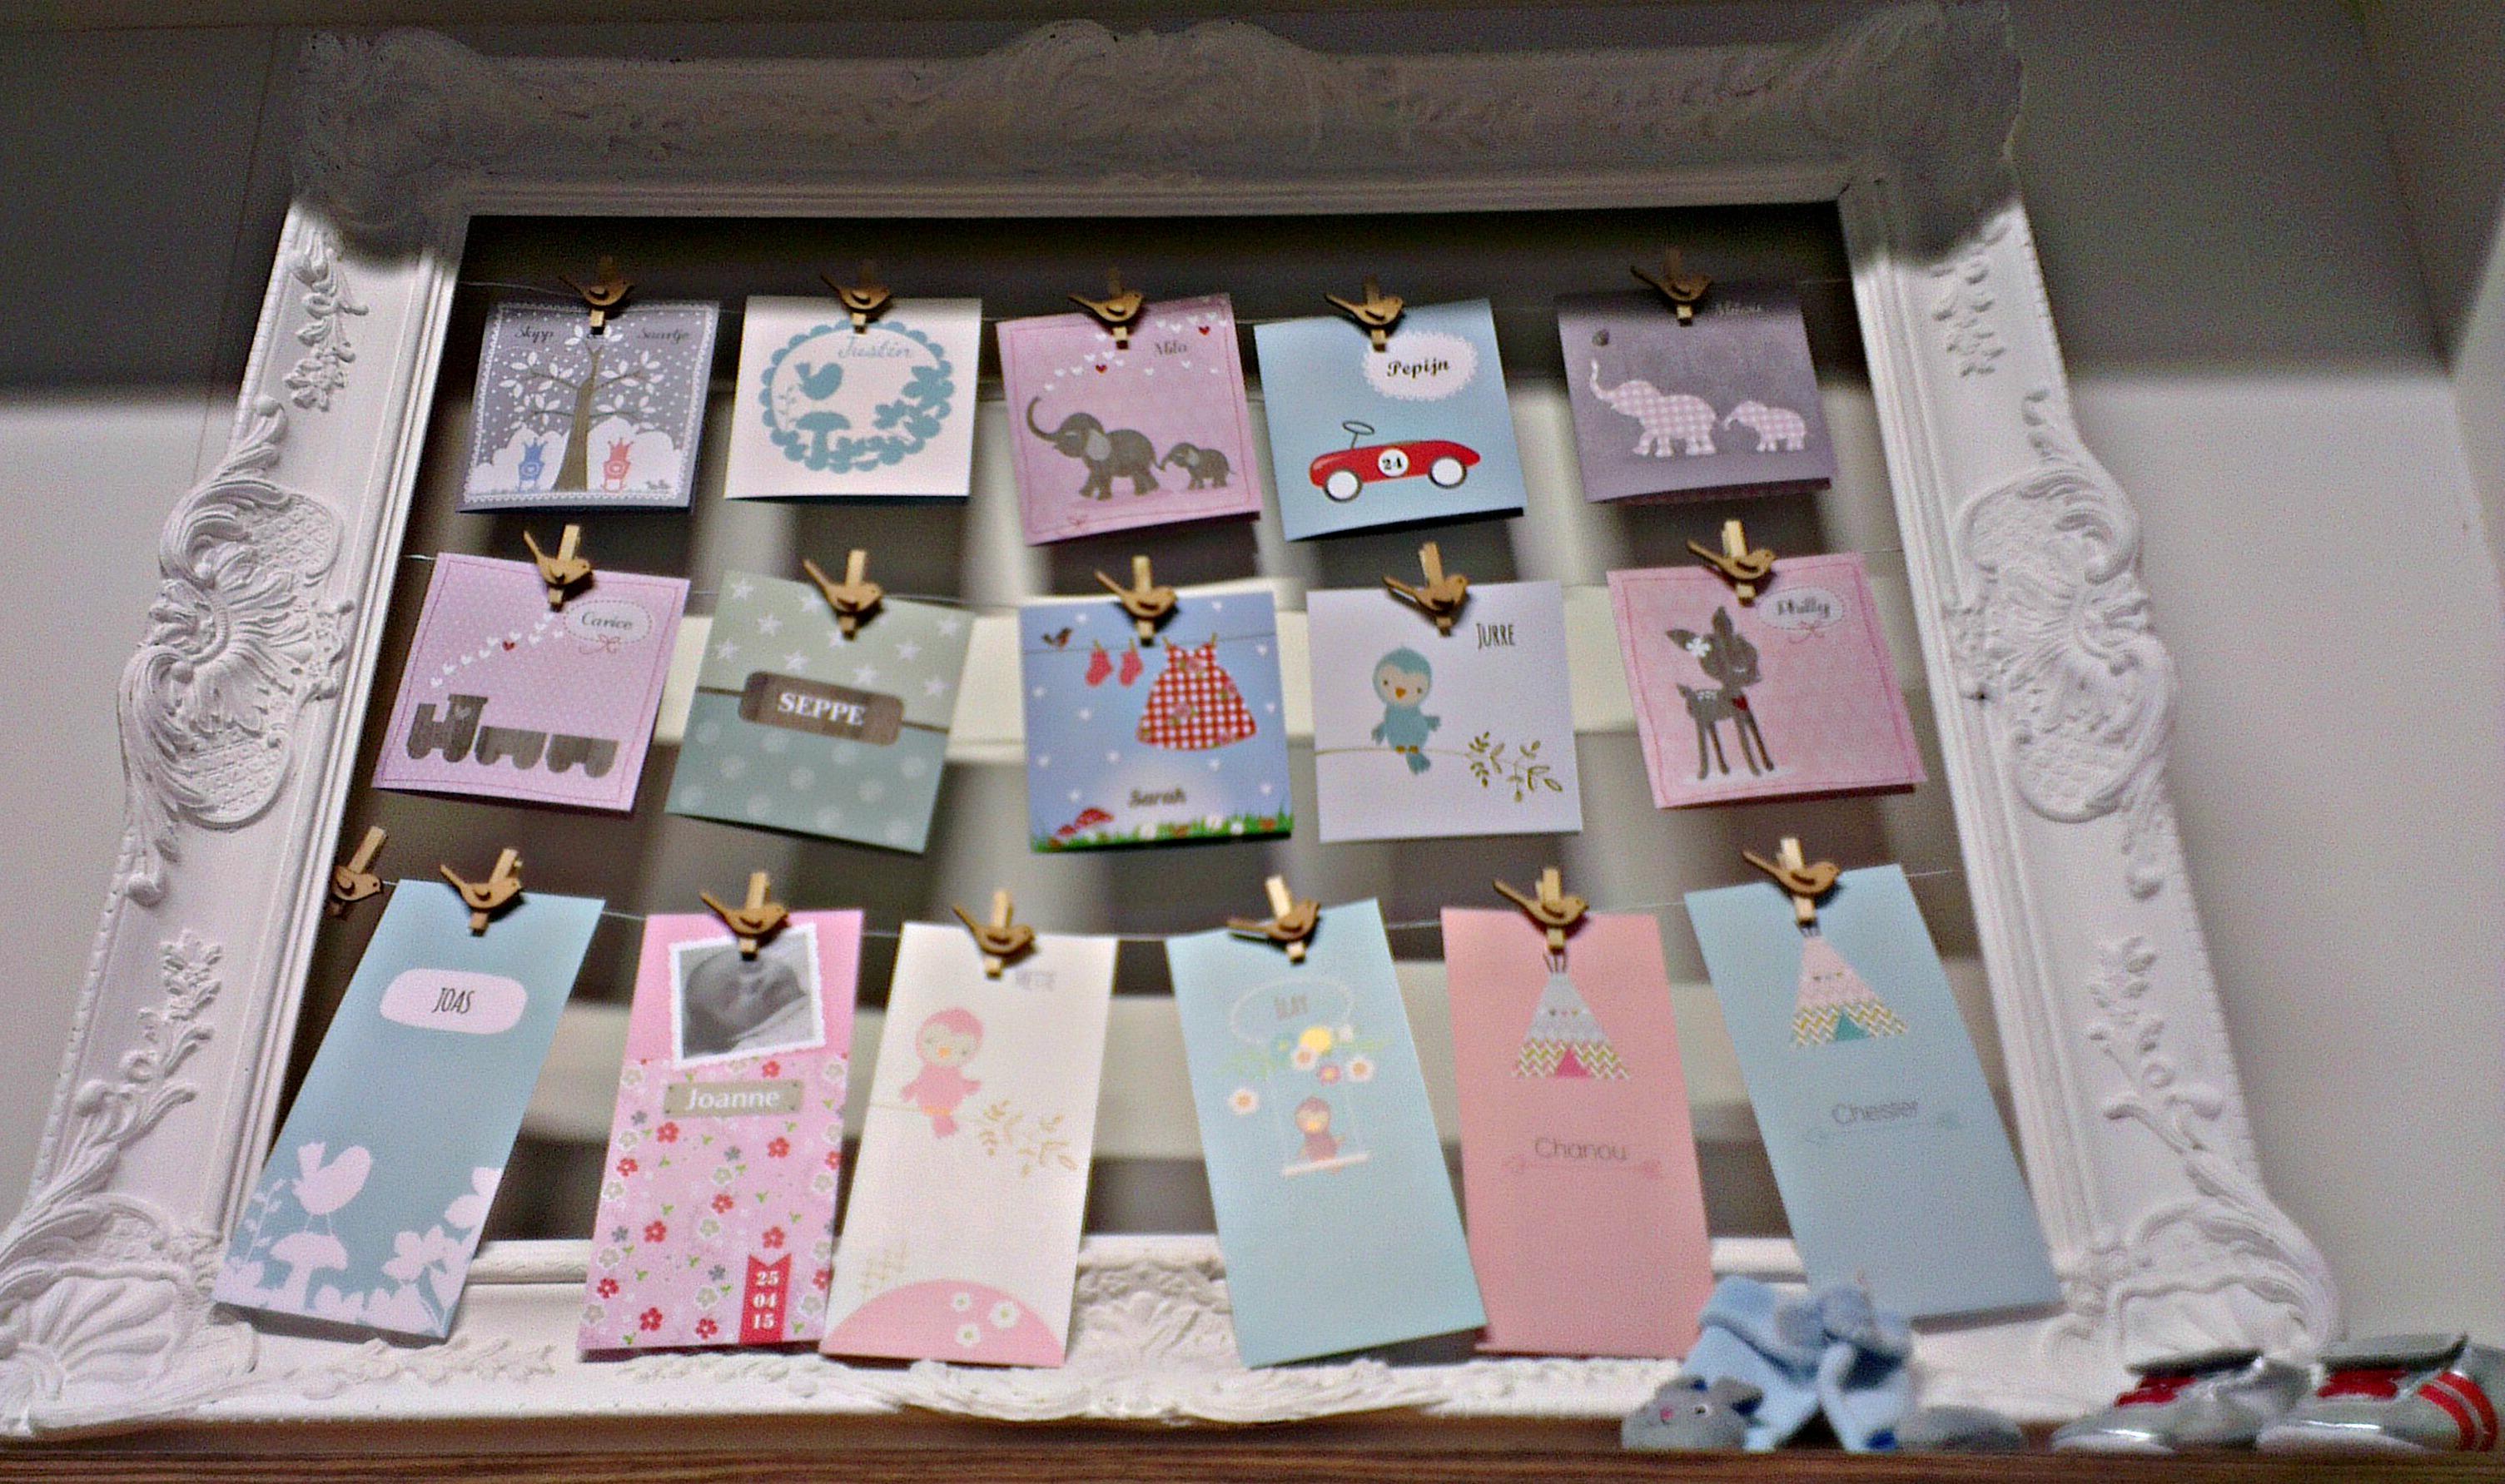 Tsjip Geboortekaartjes-geboorte aankondinging- Lolita Blancke-geboortekaartjes-GoodGirlsCompany